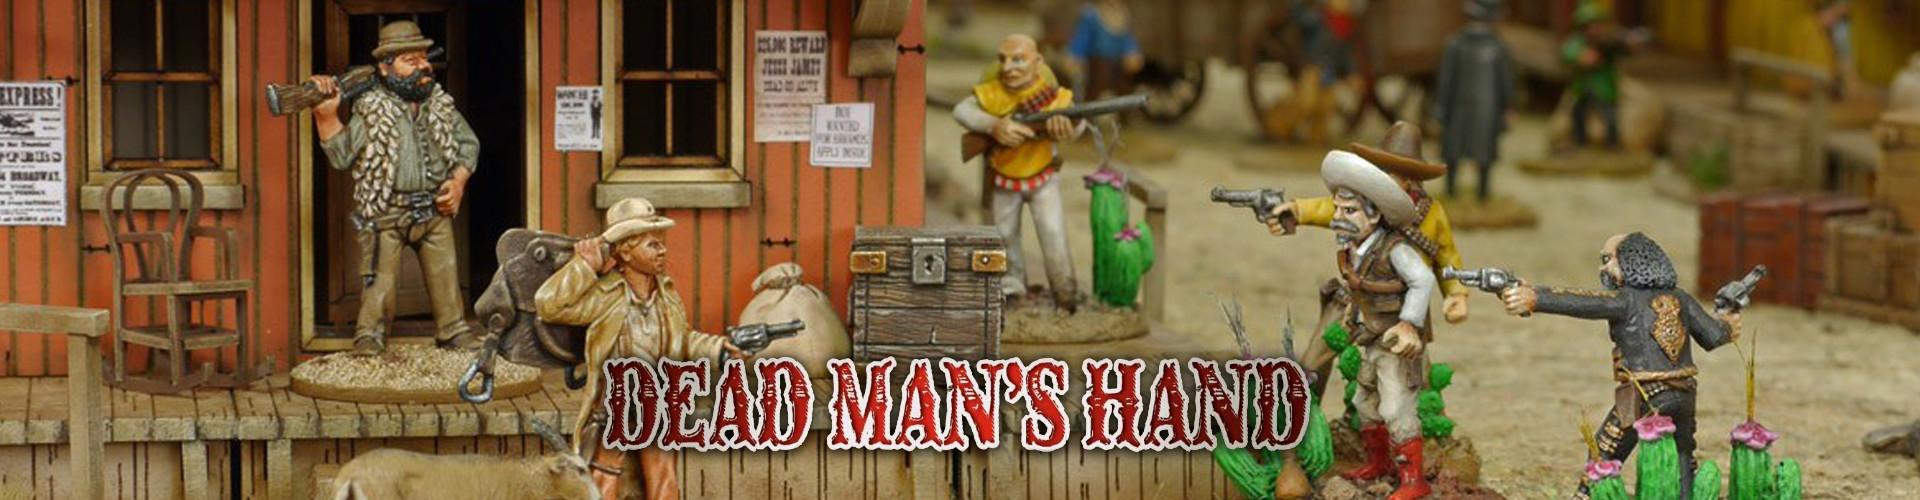 DEMO 10 Dead Mans Hand - Demospiele: DEAD MAN´S HAND